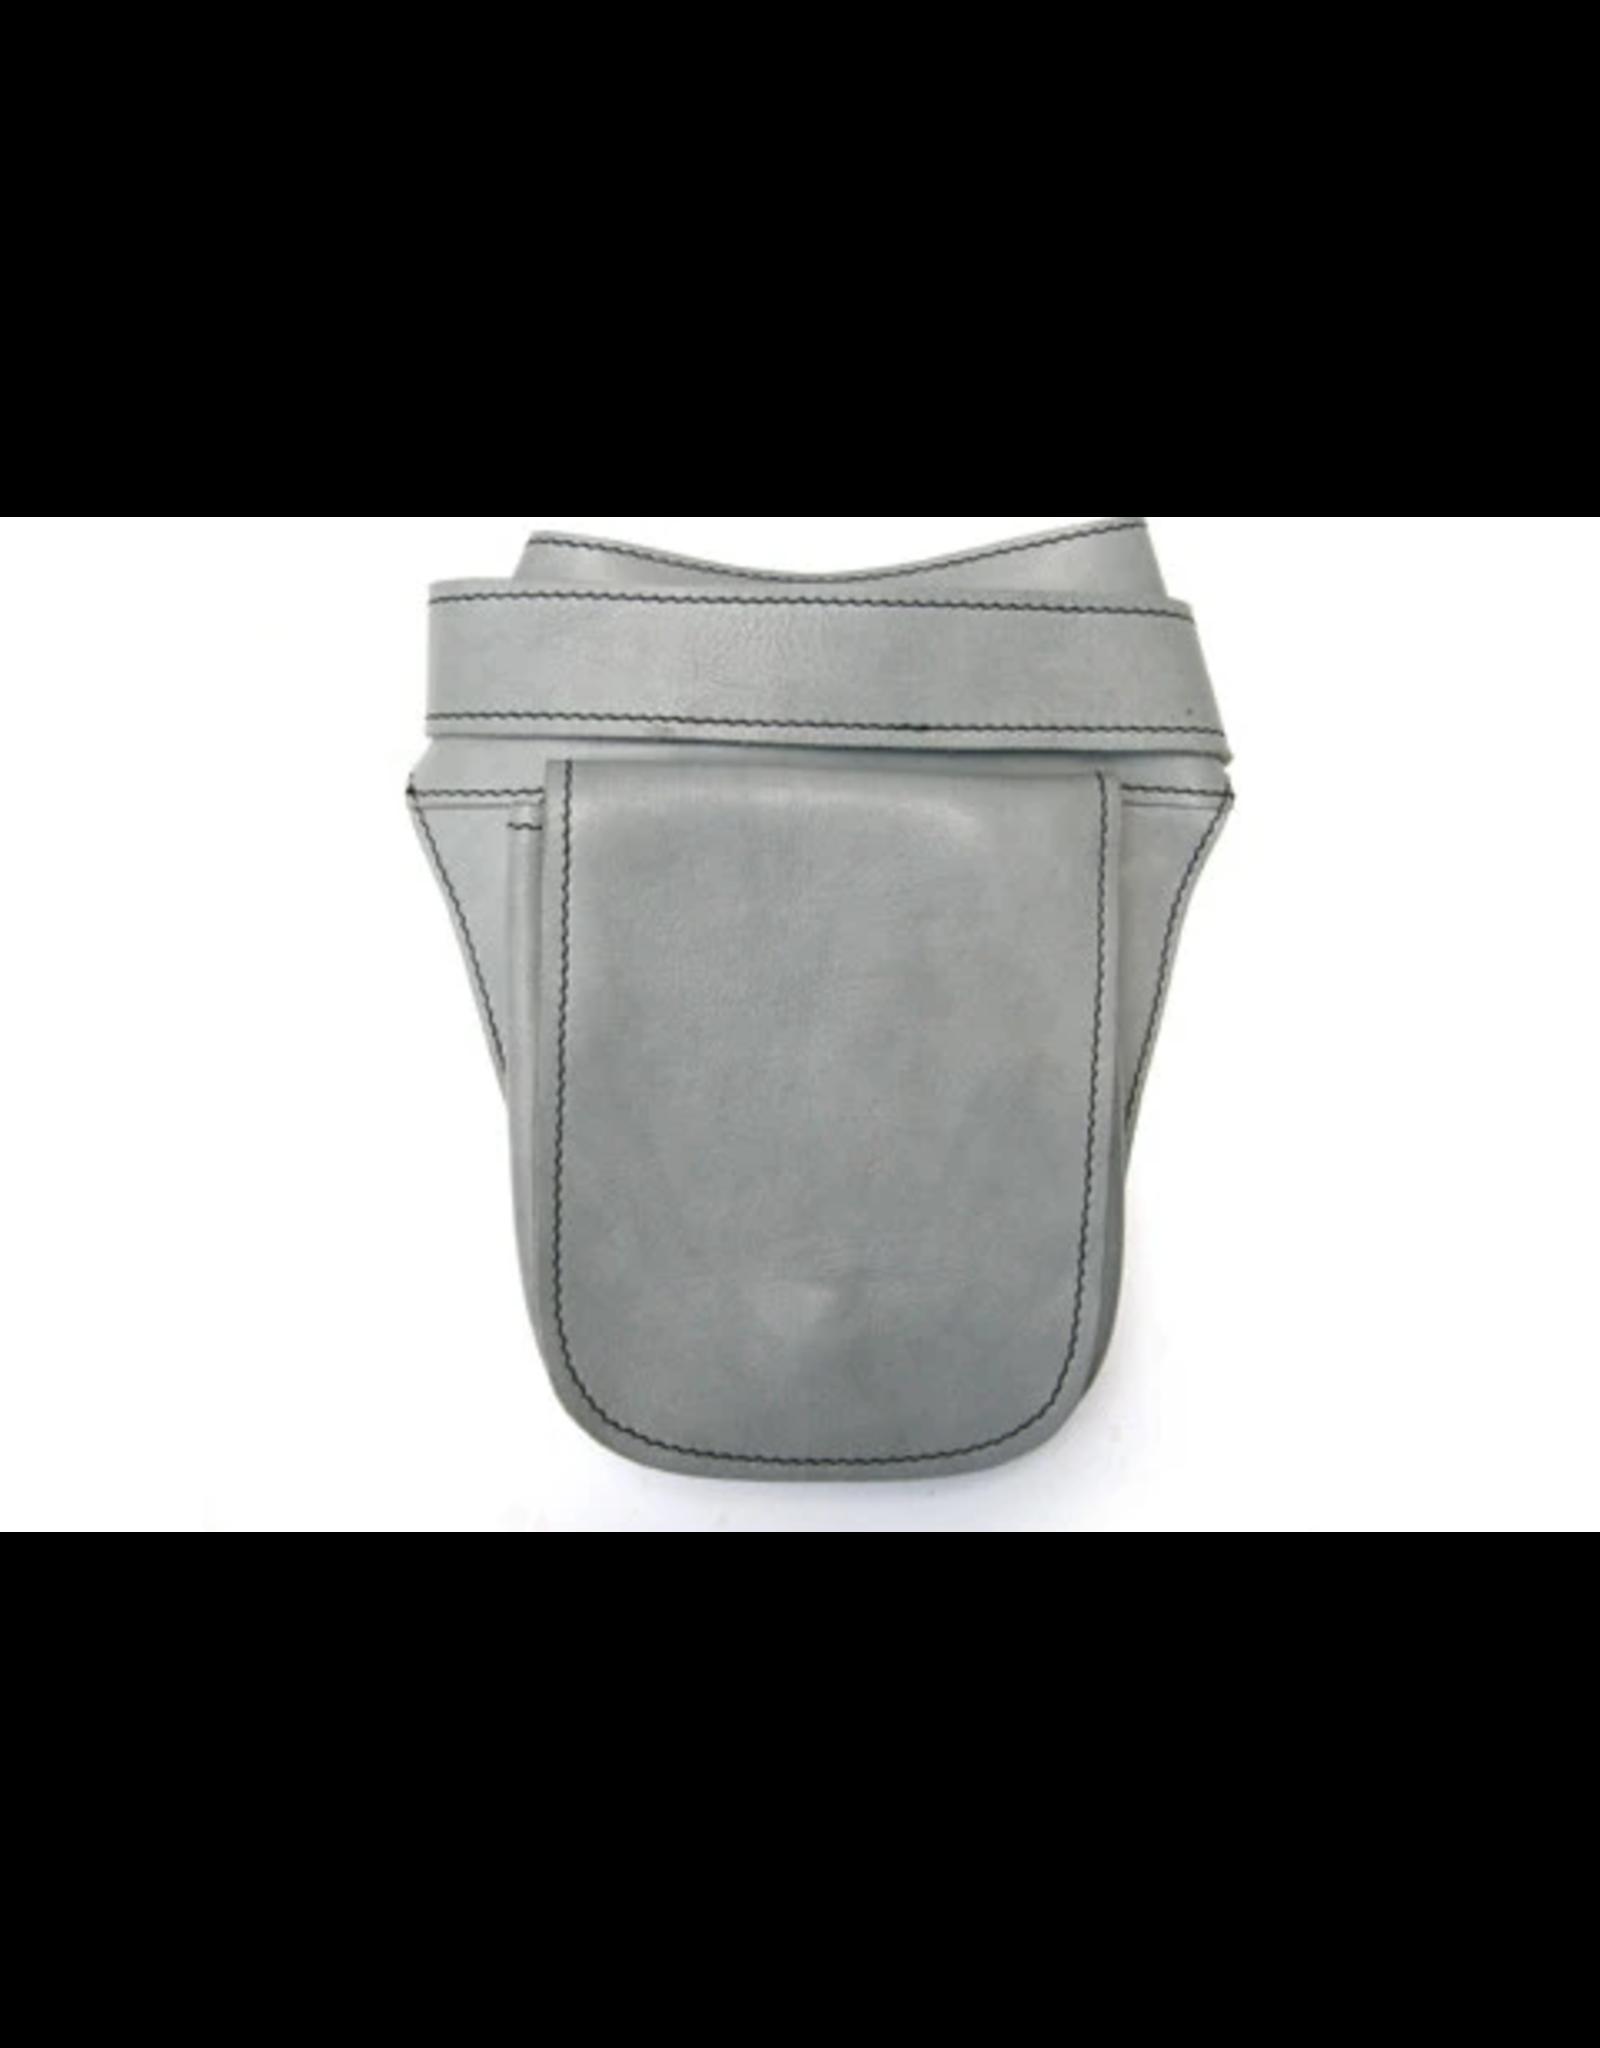 Rubyzaar Rex Leather Hip/Shoulder Bag